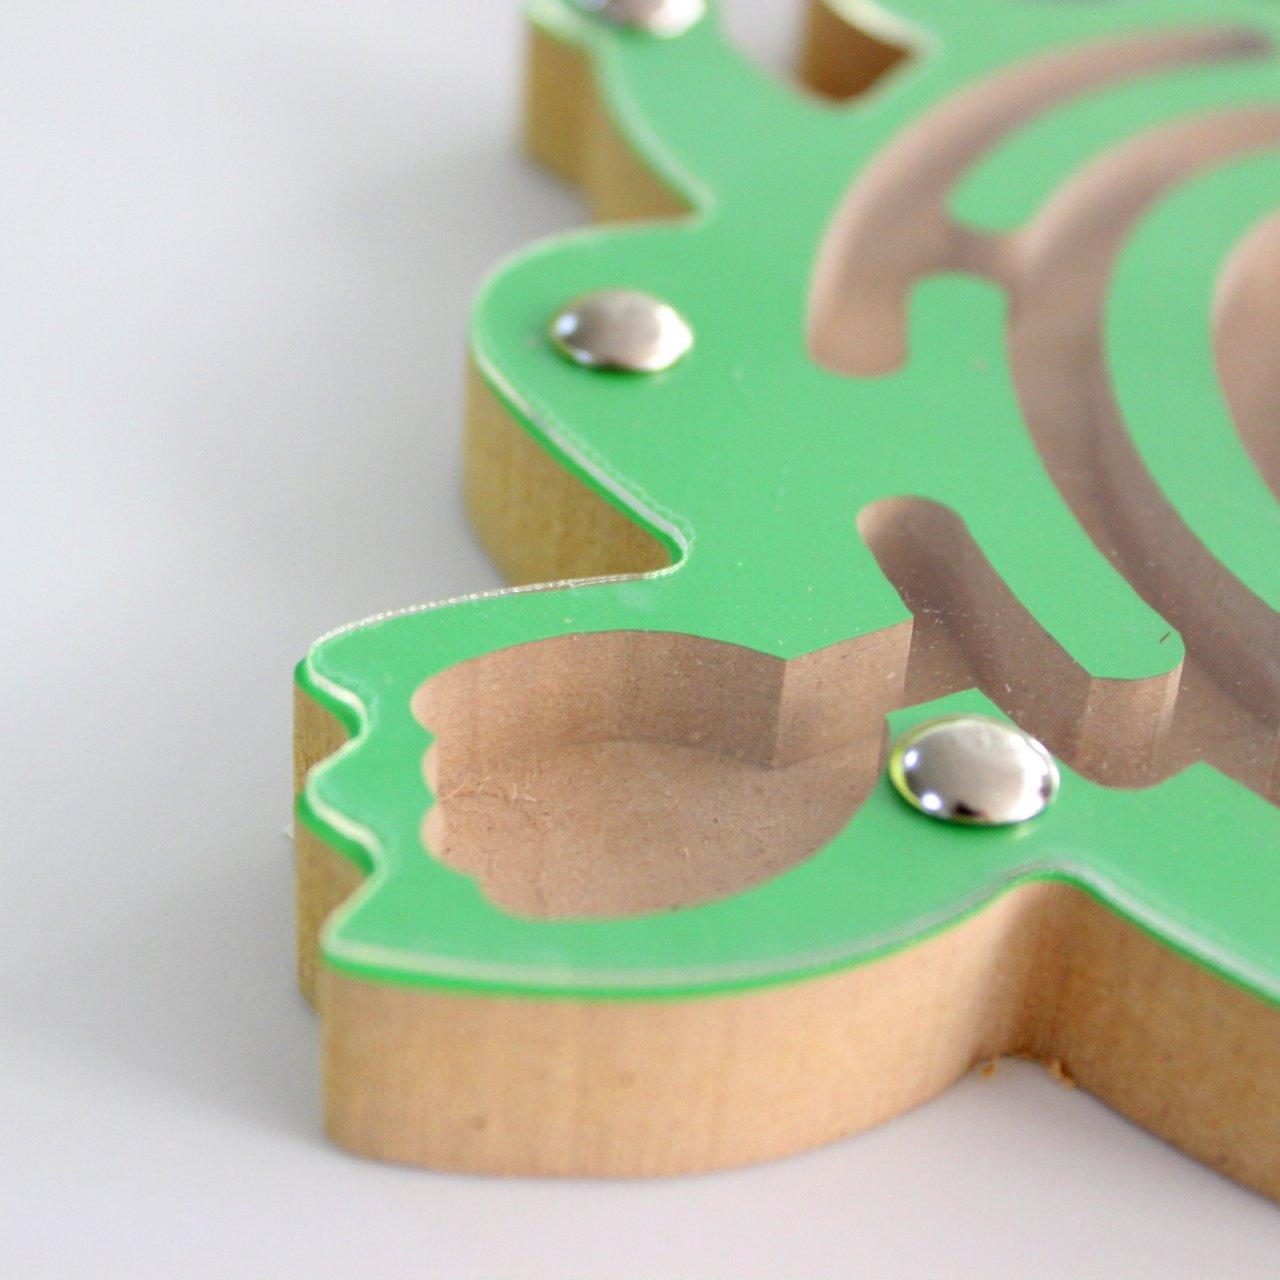 Frosch HappyToy Tier Mini Wooden Runde Magnetische Wand Nummer Maze Interaktive Labyrinth Magnet Perlen Labyrinth auf Brettspiel Stadt Verkehr Eduactional Handcraft Toys